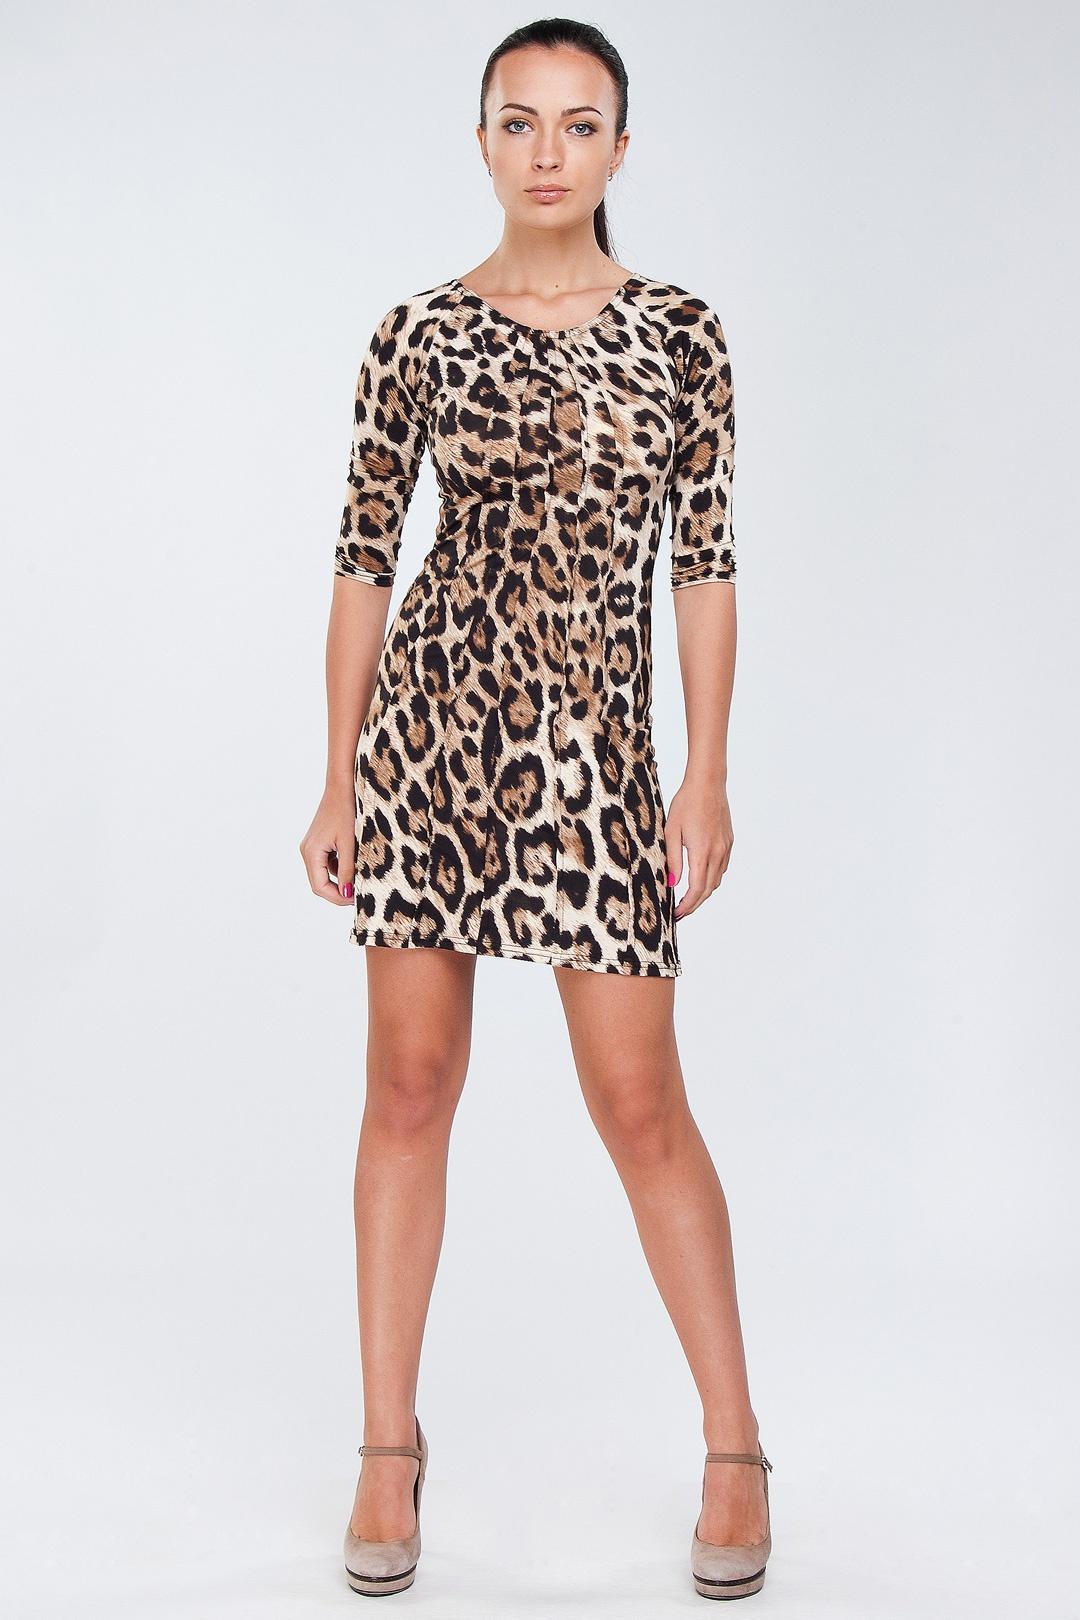 Леопардовые платья для детей фото